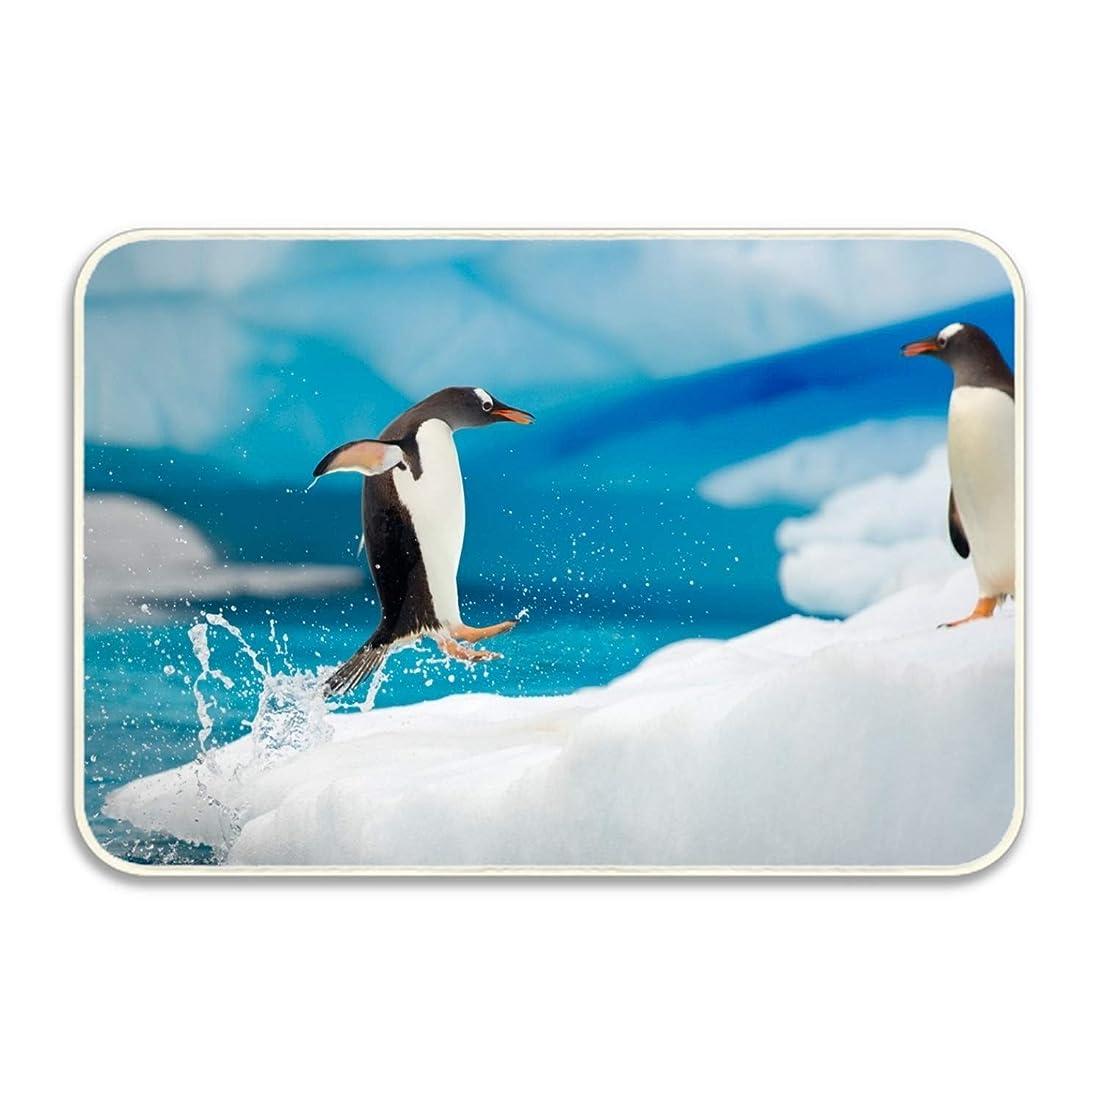 シャベル推進、動かす一部マット 玄関マット ふわっと優しい踏み心地のアウトドアマット 約40×60cm ペンギンアイスファニーバードウォーターペンギン エントランス ドア ガーデニング ガーデン おしゃれ かわいい 土間 泥落とし ナチュラル 外 屋外 フロッグ